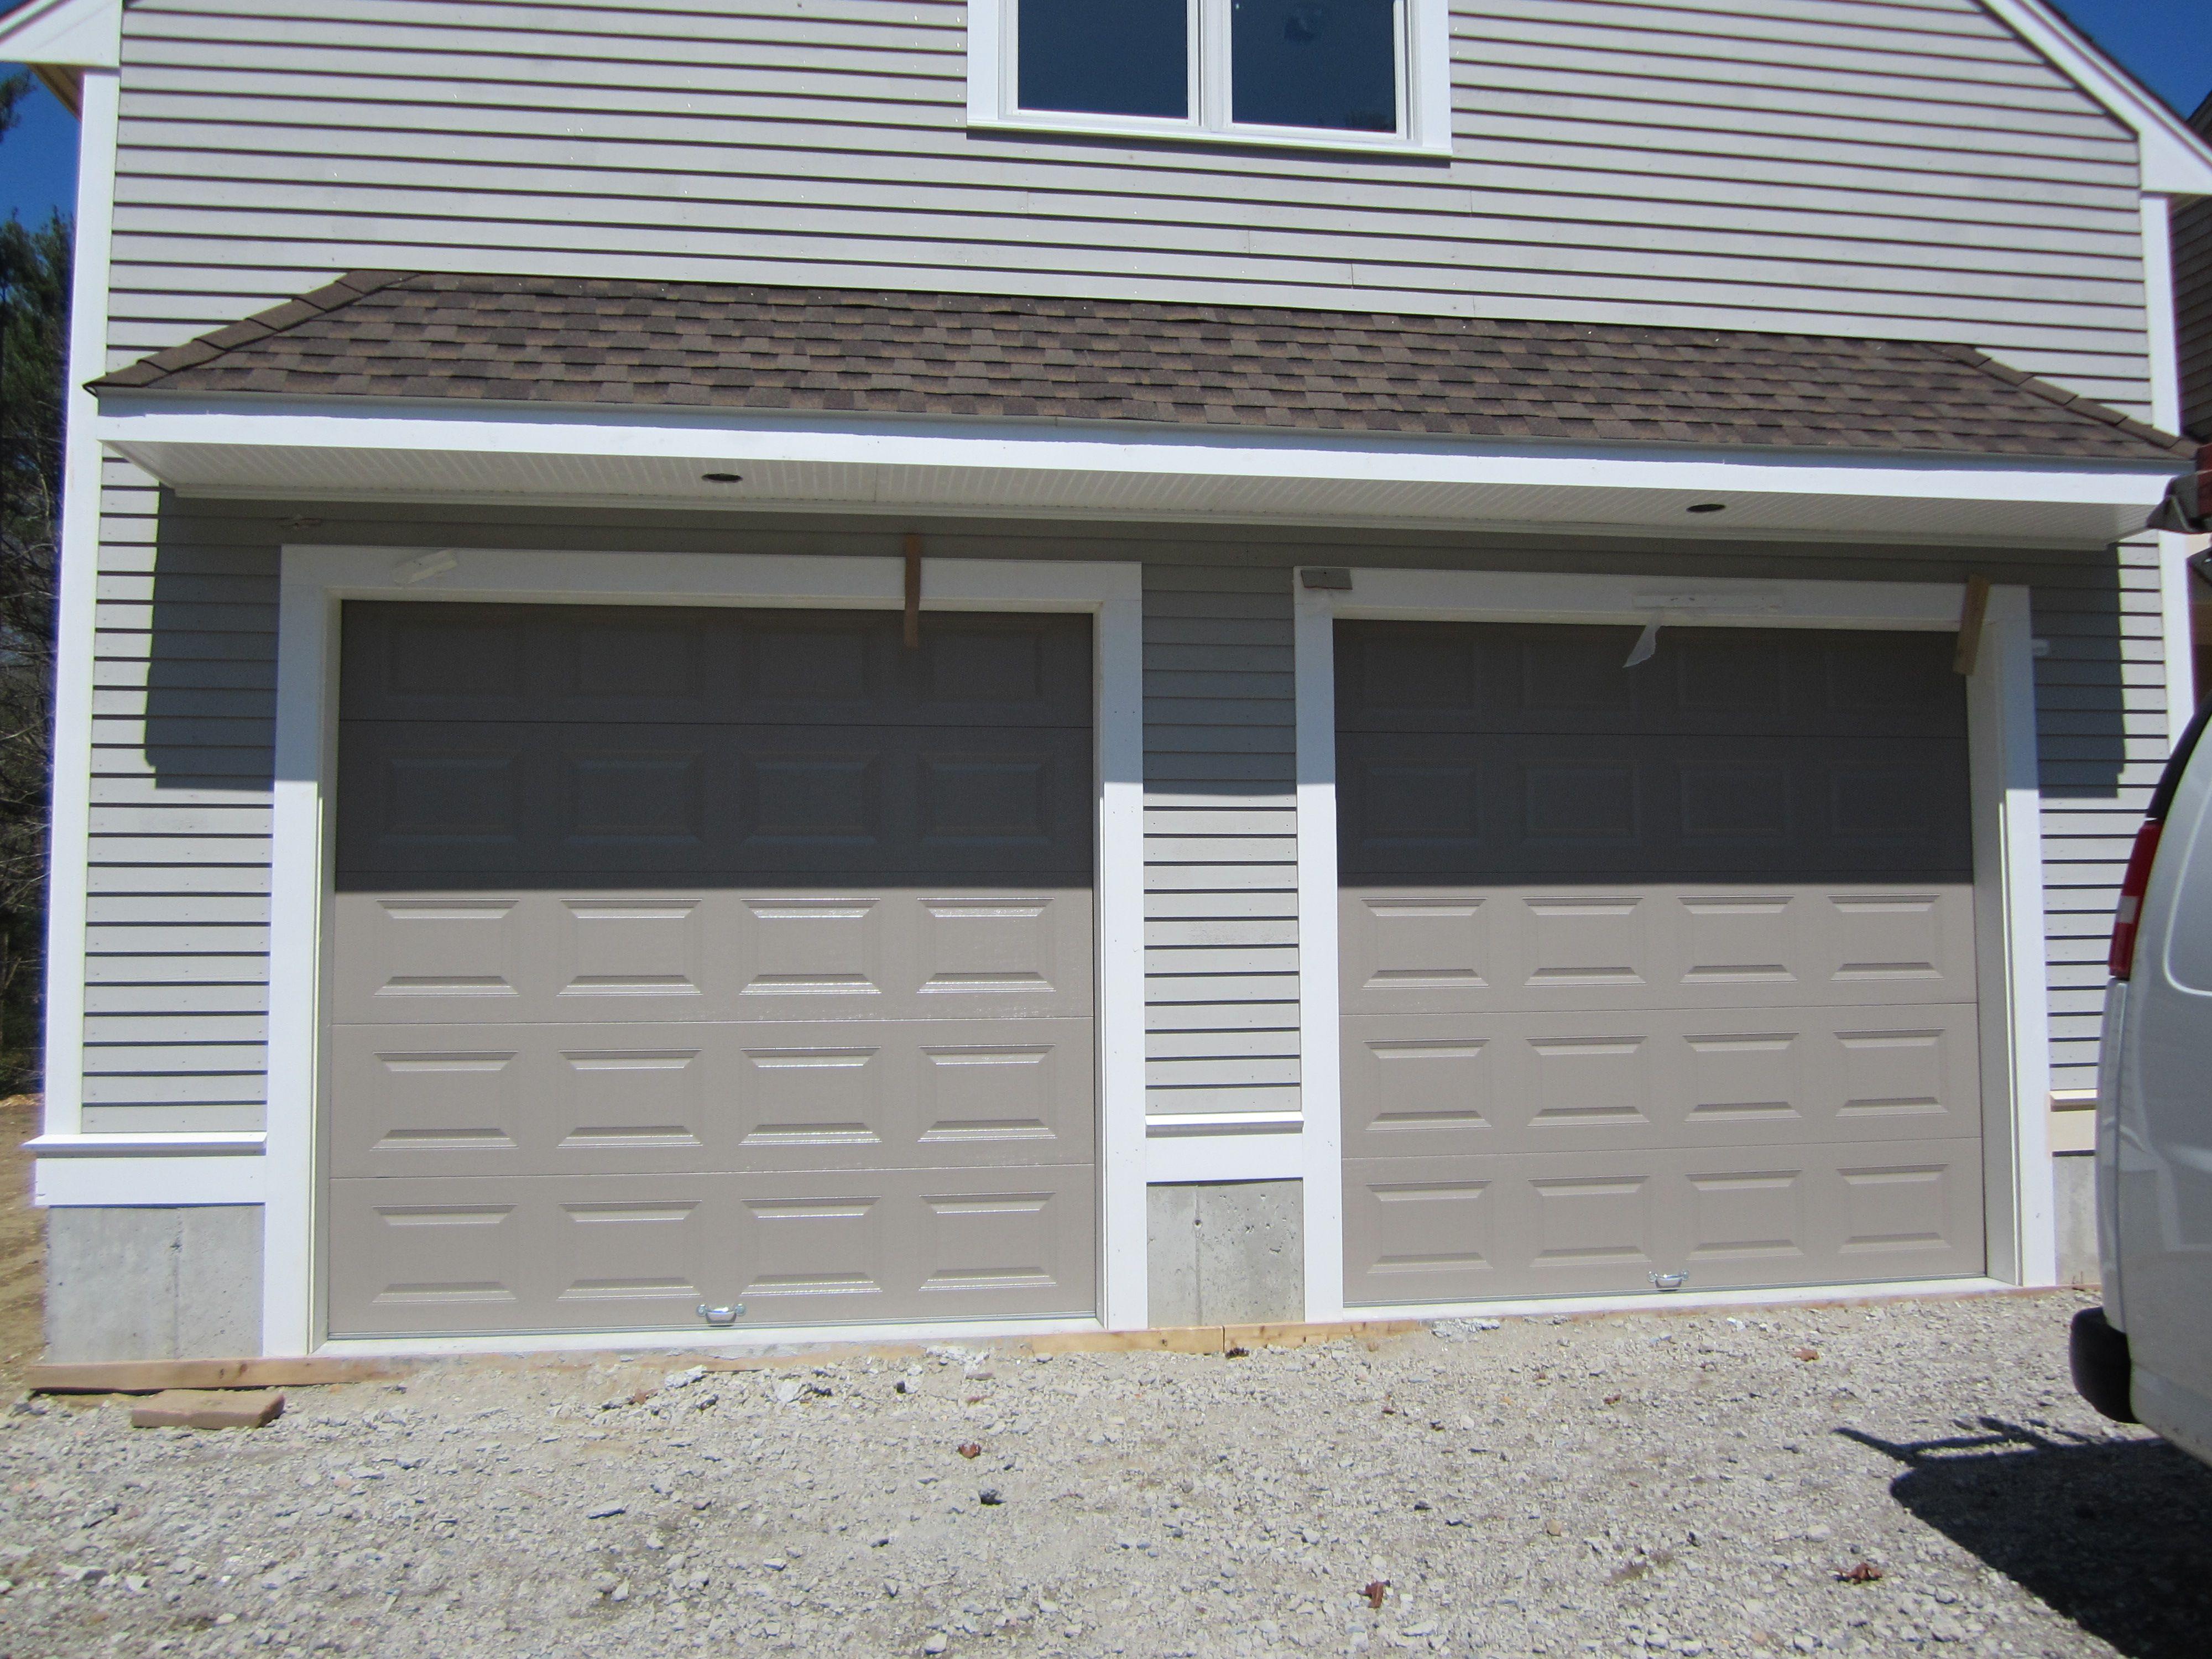 Haas model 680 Steel Raised Panel Doors in Sandstone Installed by